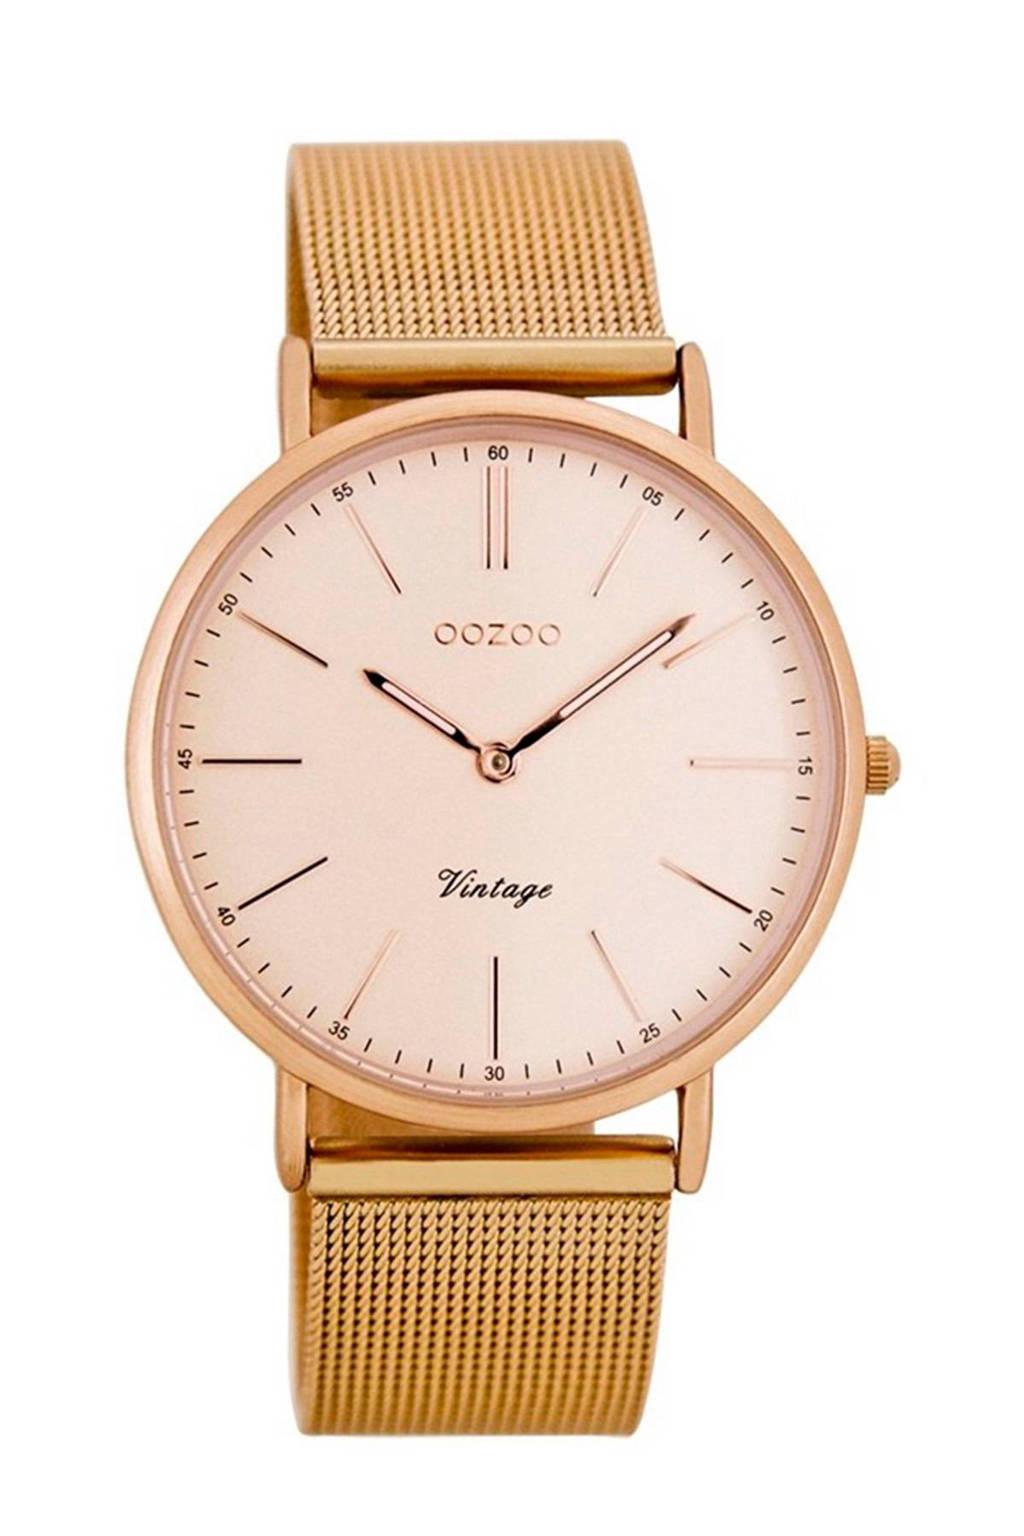 OOZOO Vintage horloge - C7399, Rose